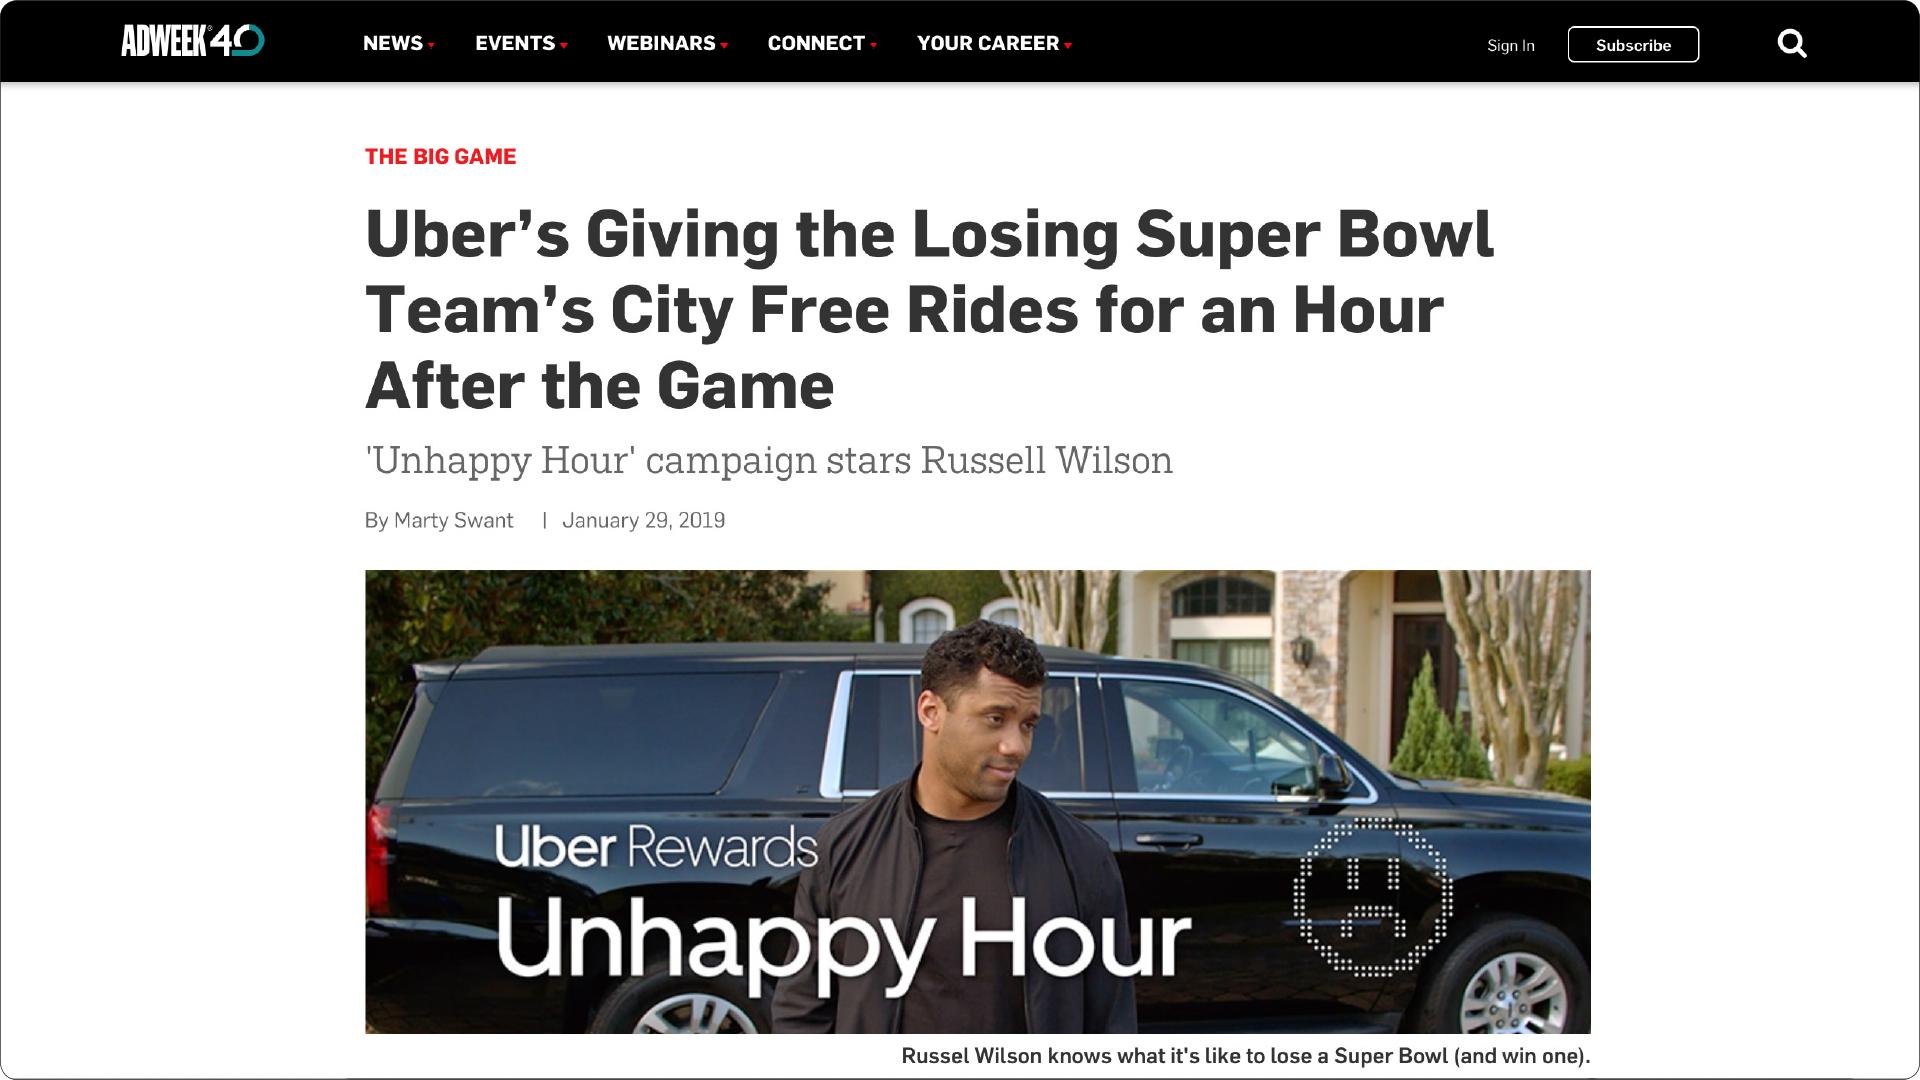 UnhappyHourAdweek